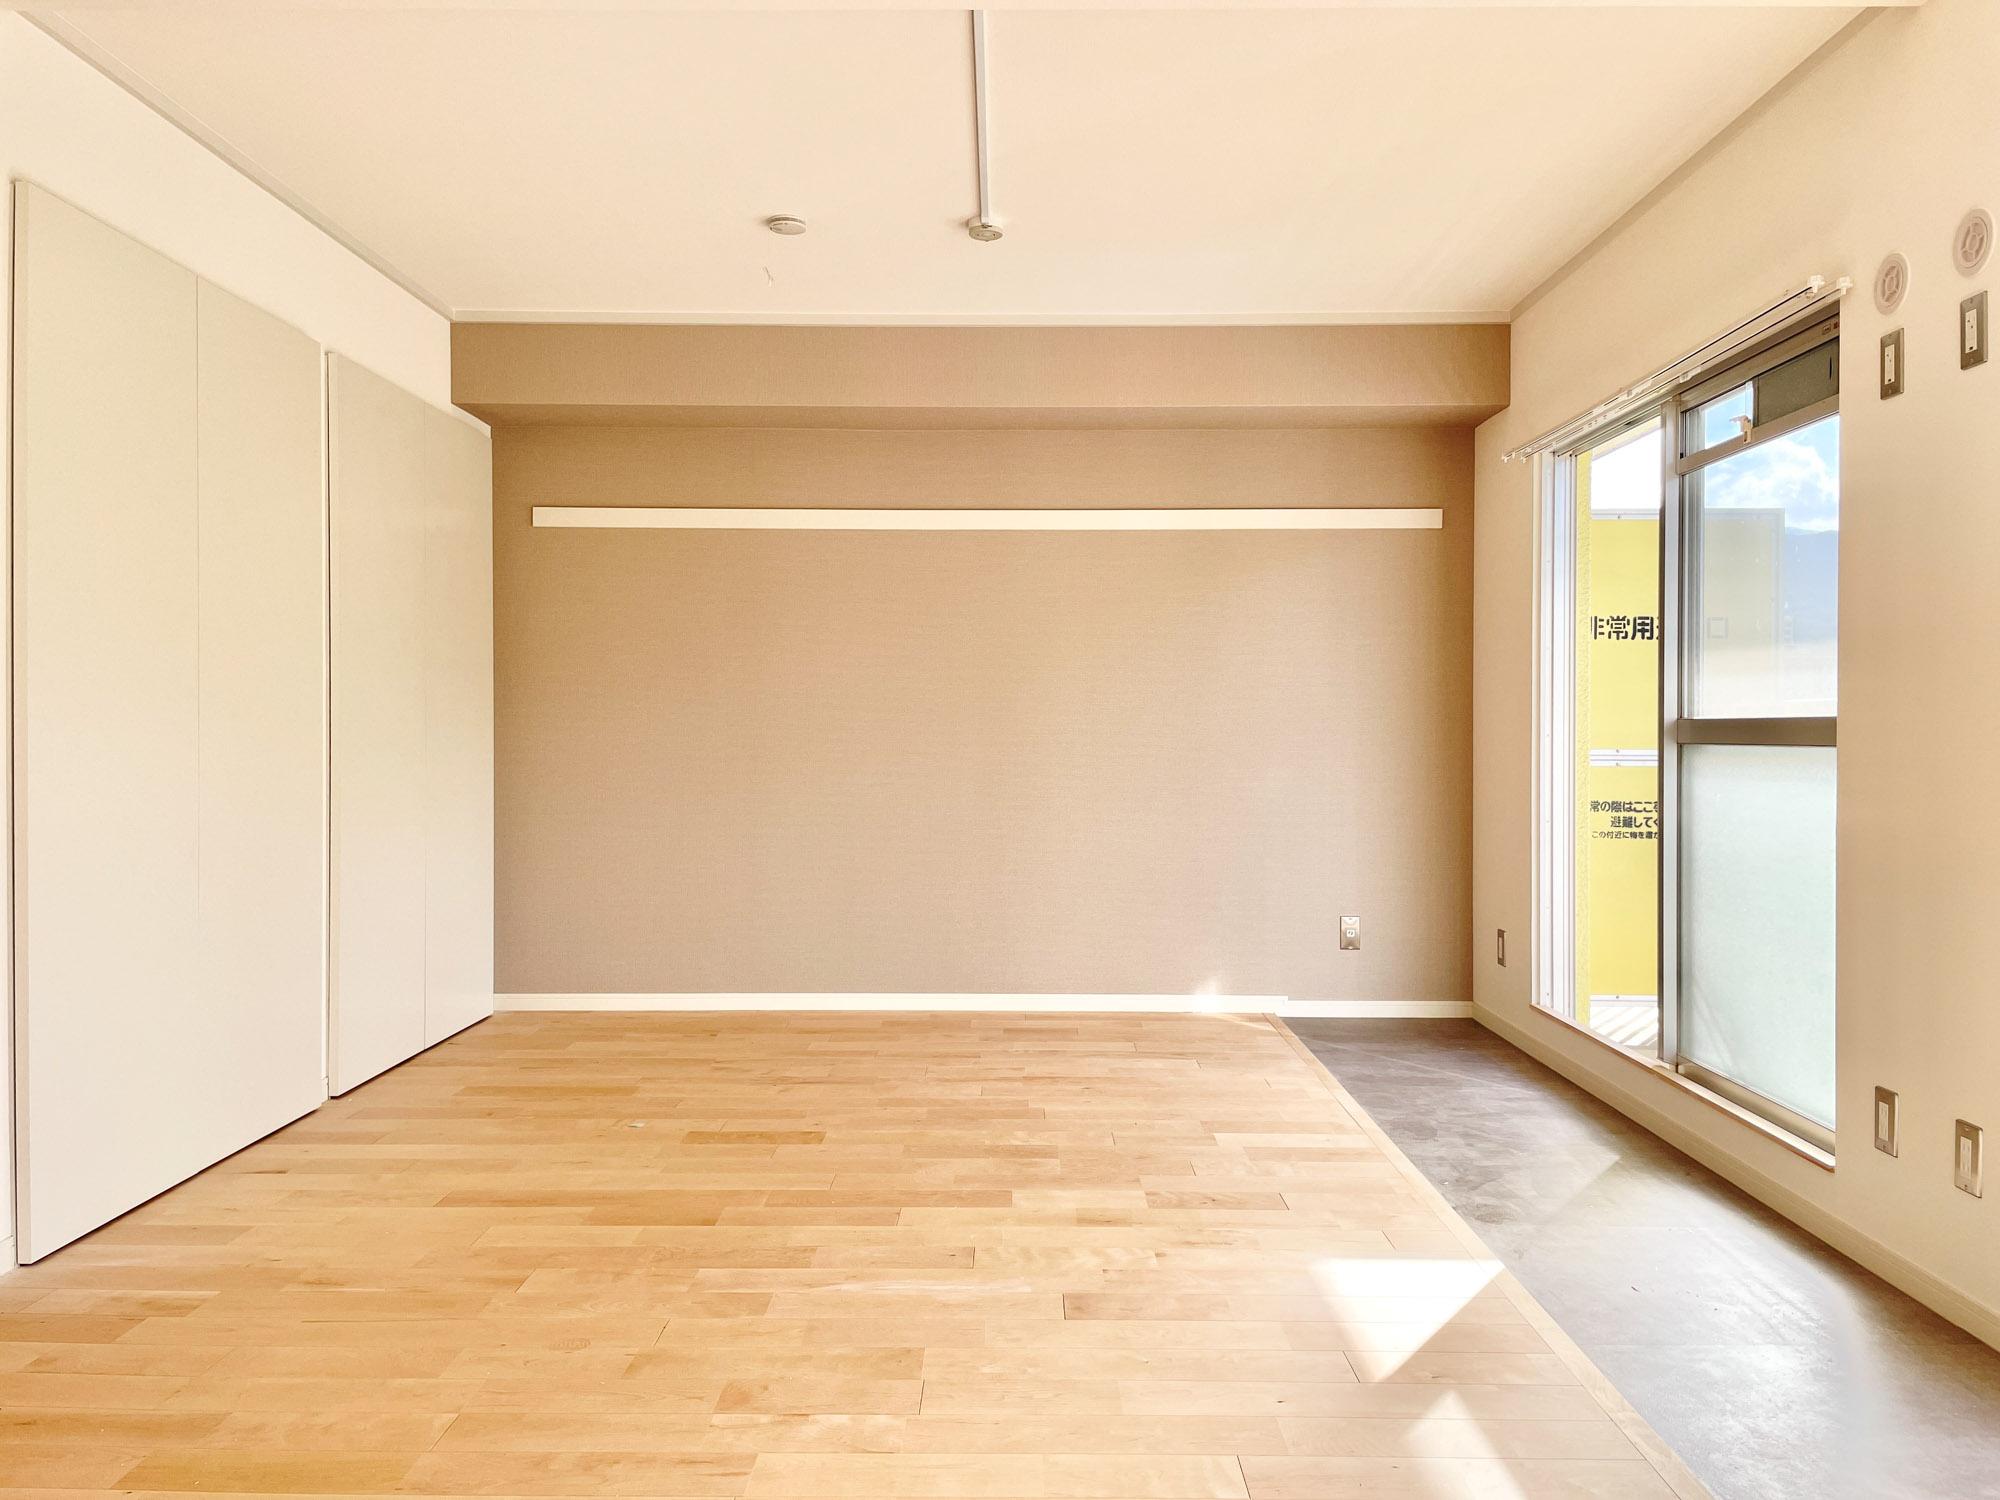 フローリングはgoodroomこだわりの無垢床。ベランダ側にサンルーム風に土間スペースを設けています。